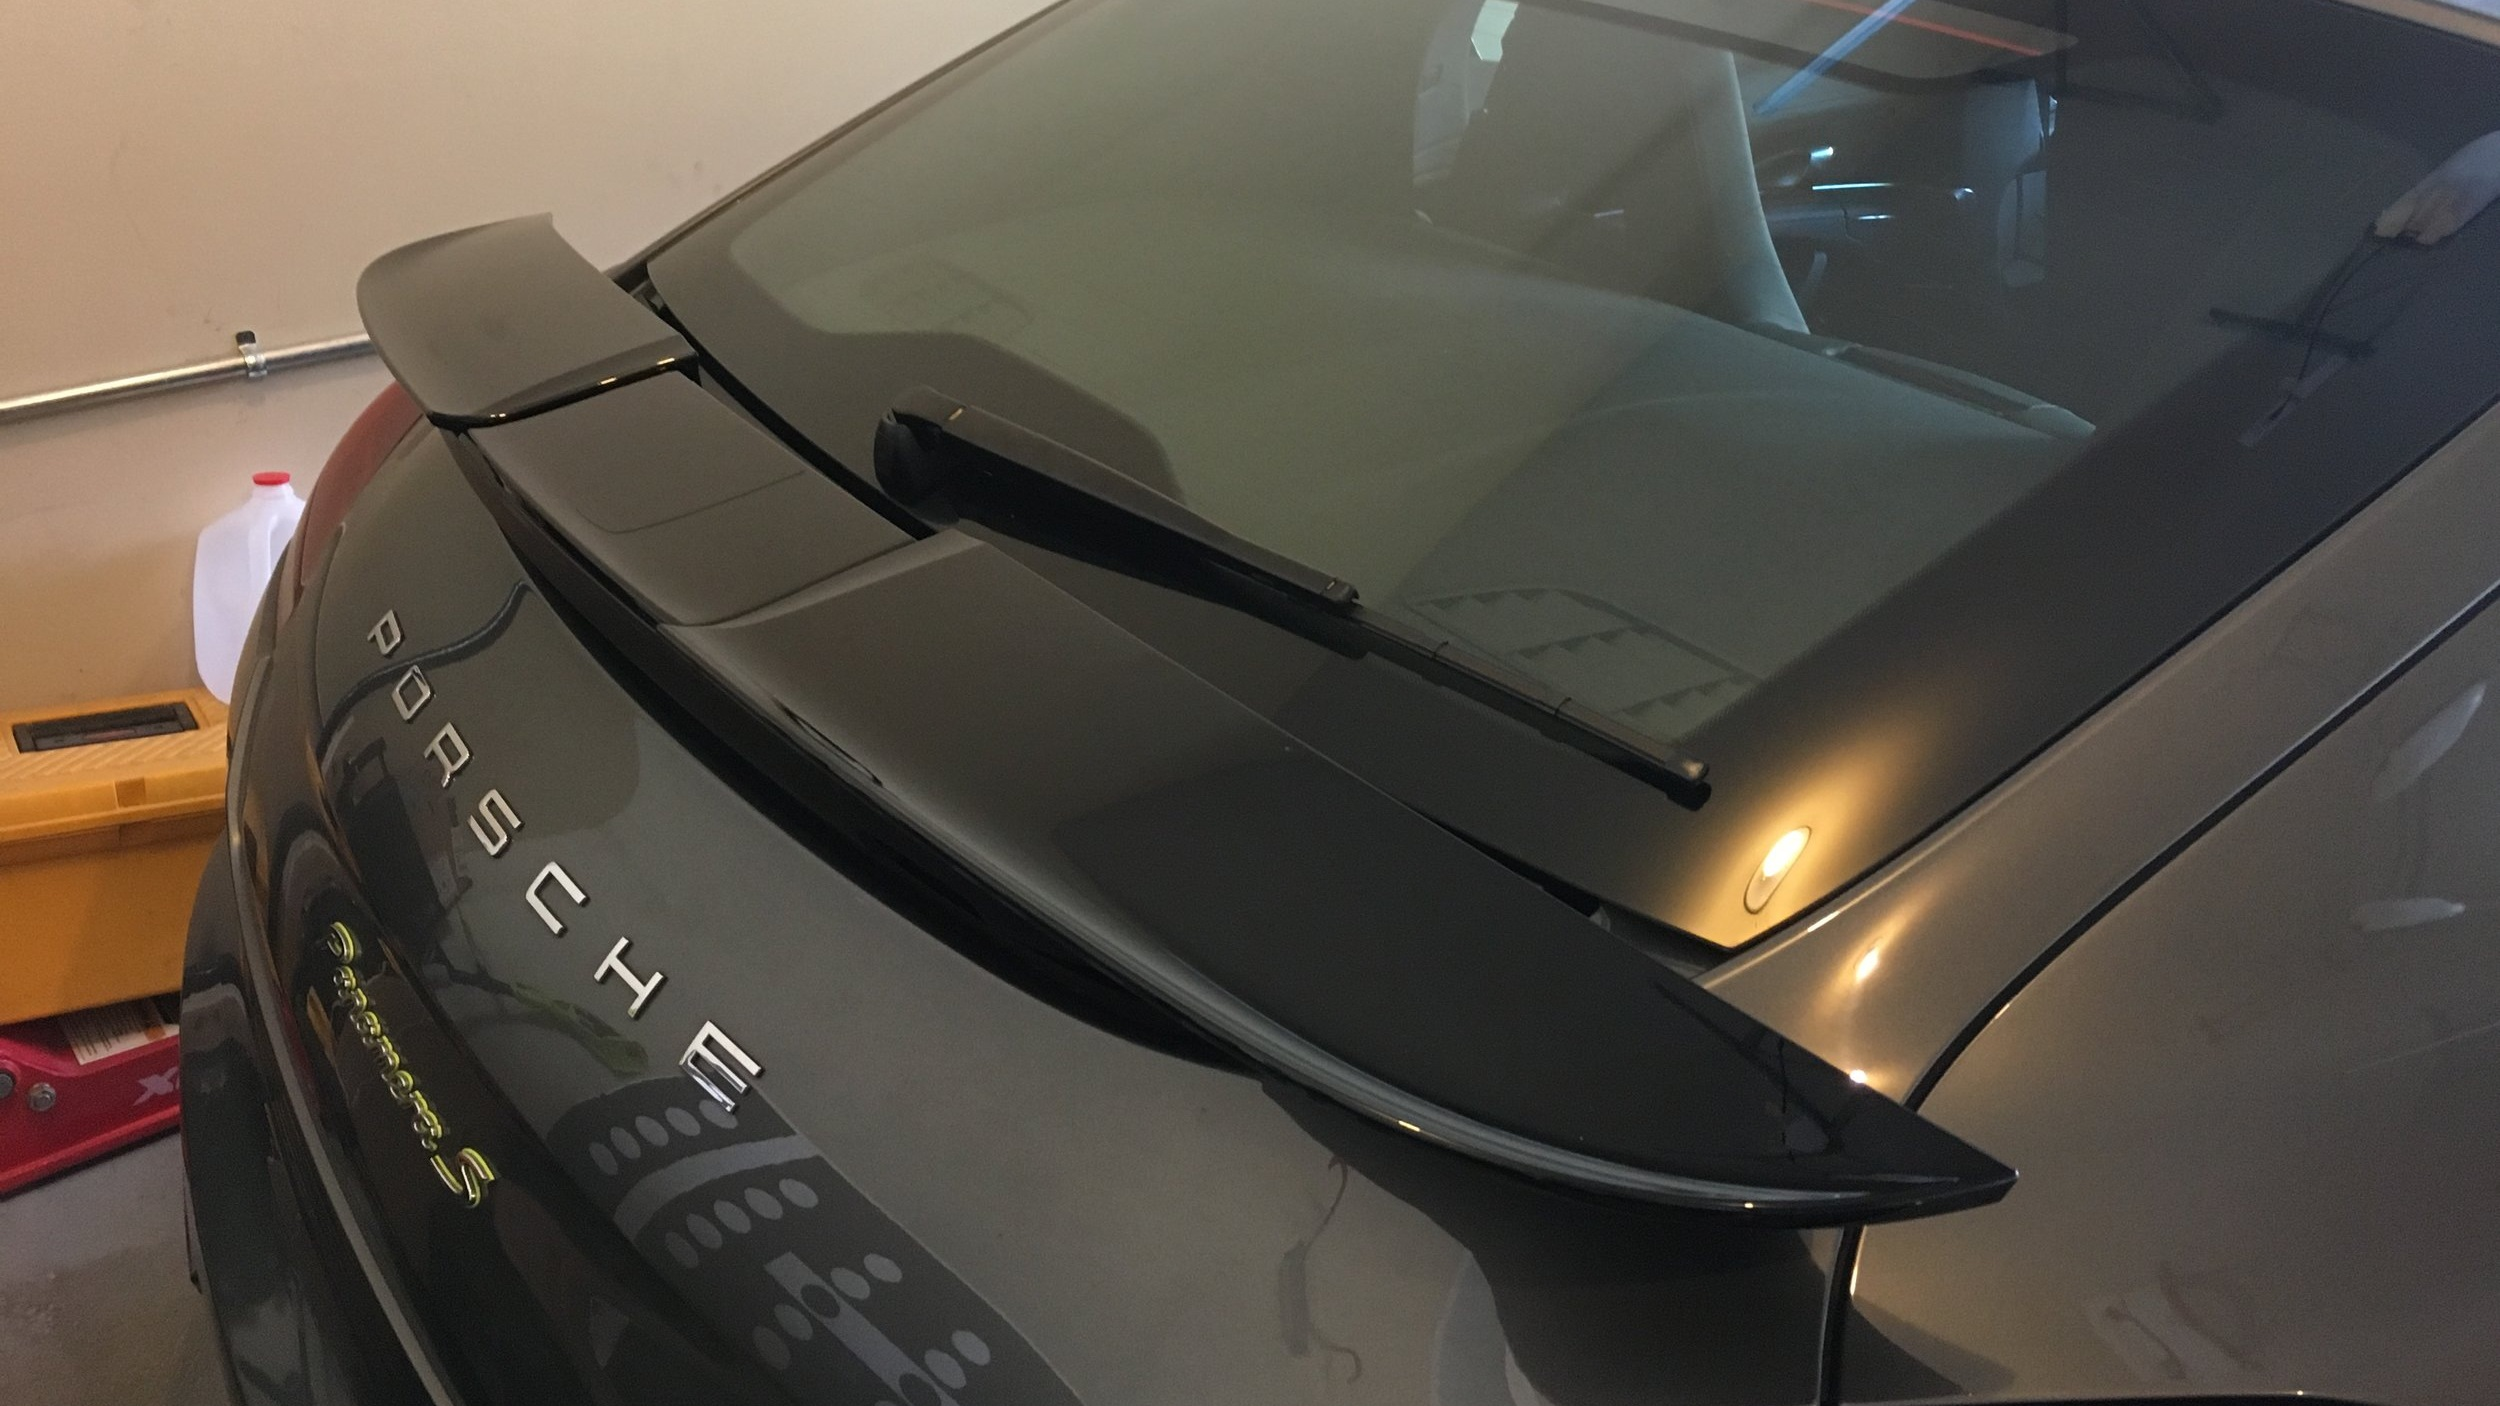 Turbo Spoiler retrofit on a Panamera S e-Hybrid